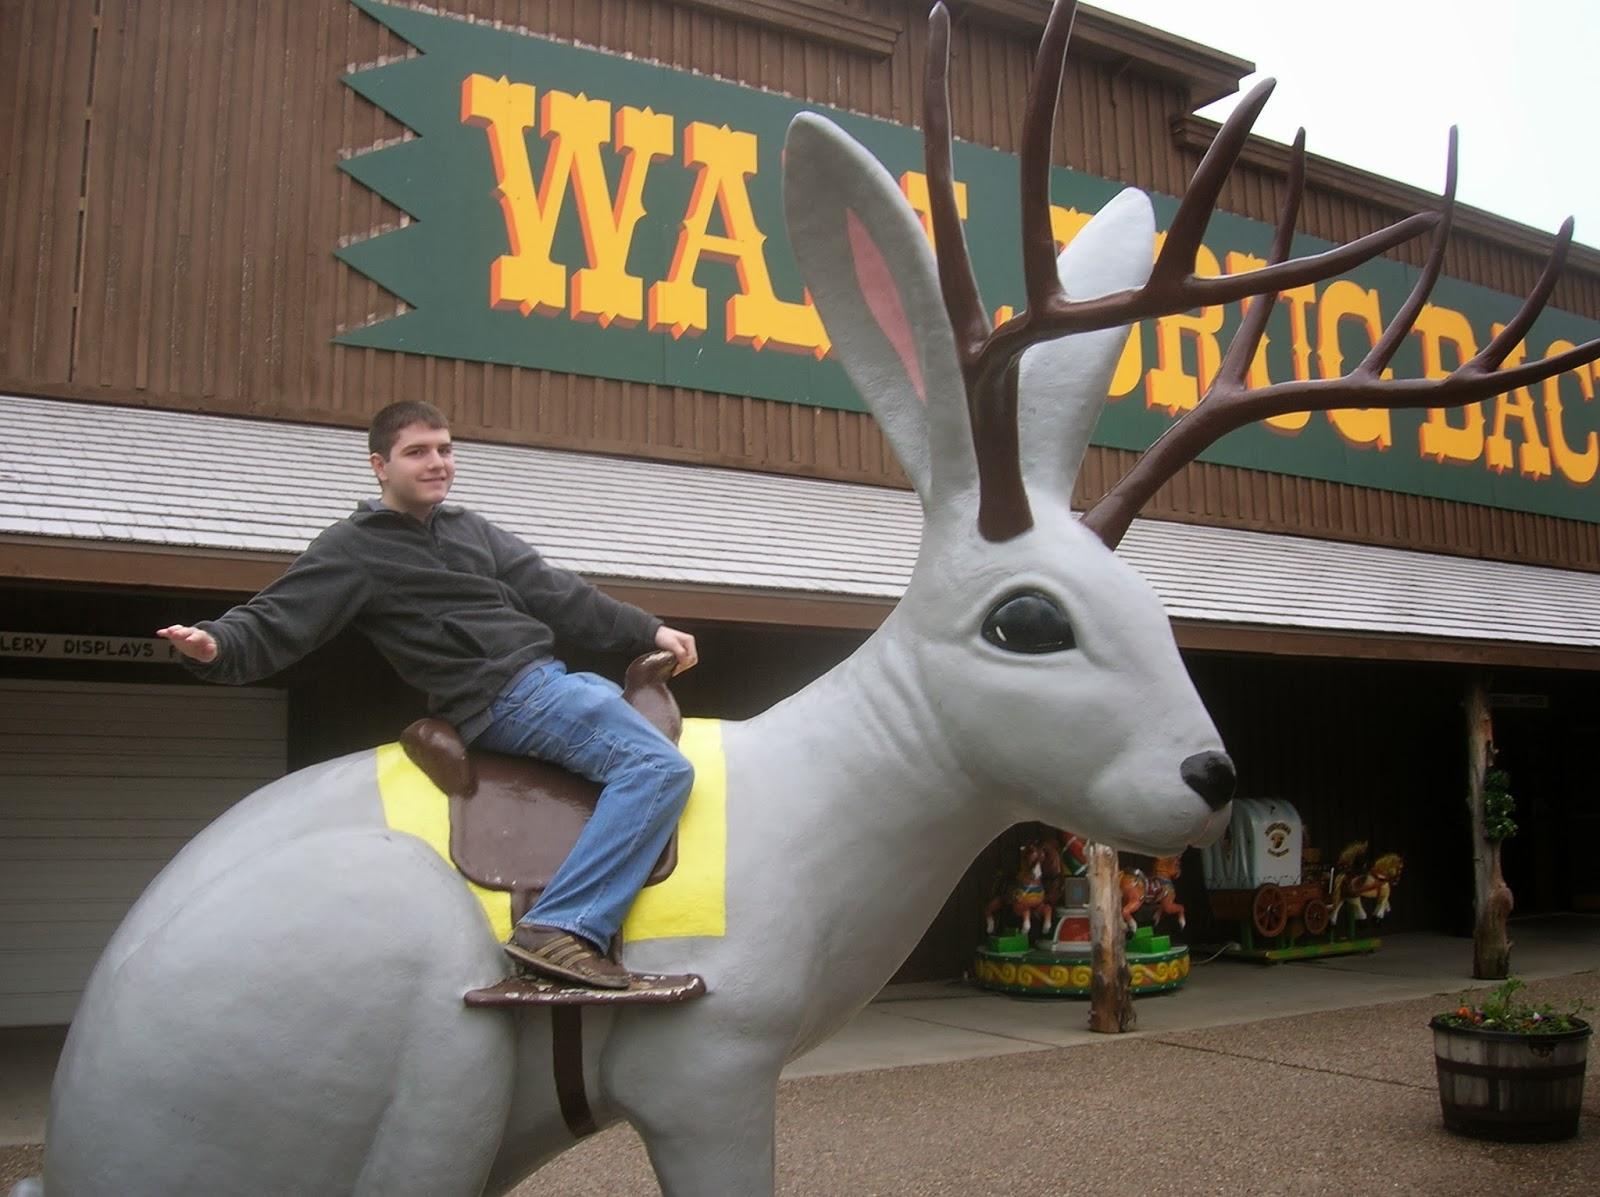 man riding a jackalope at wall drug